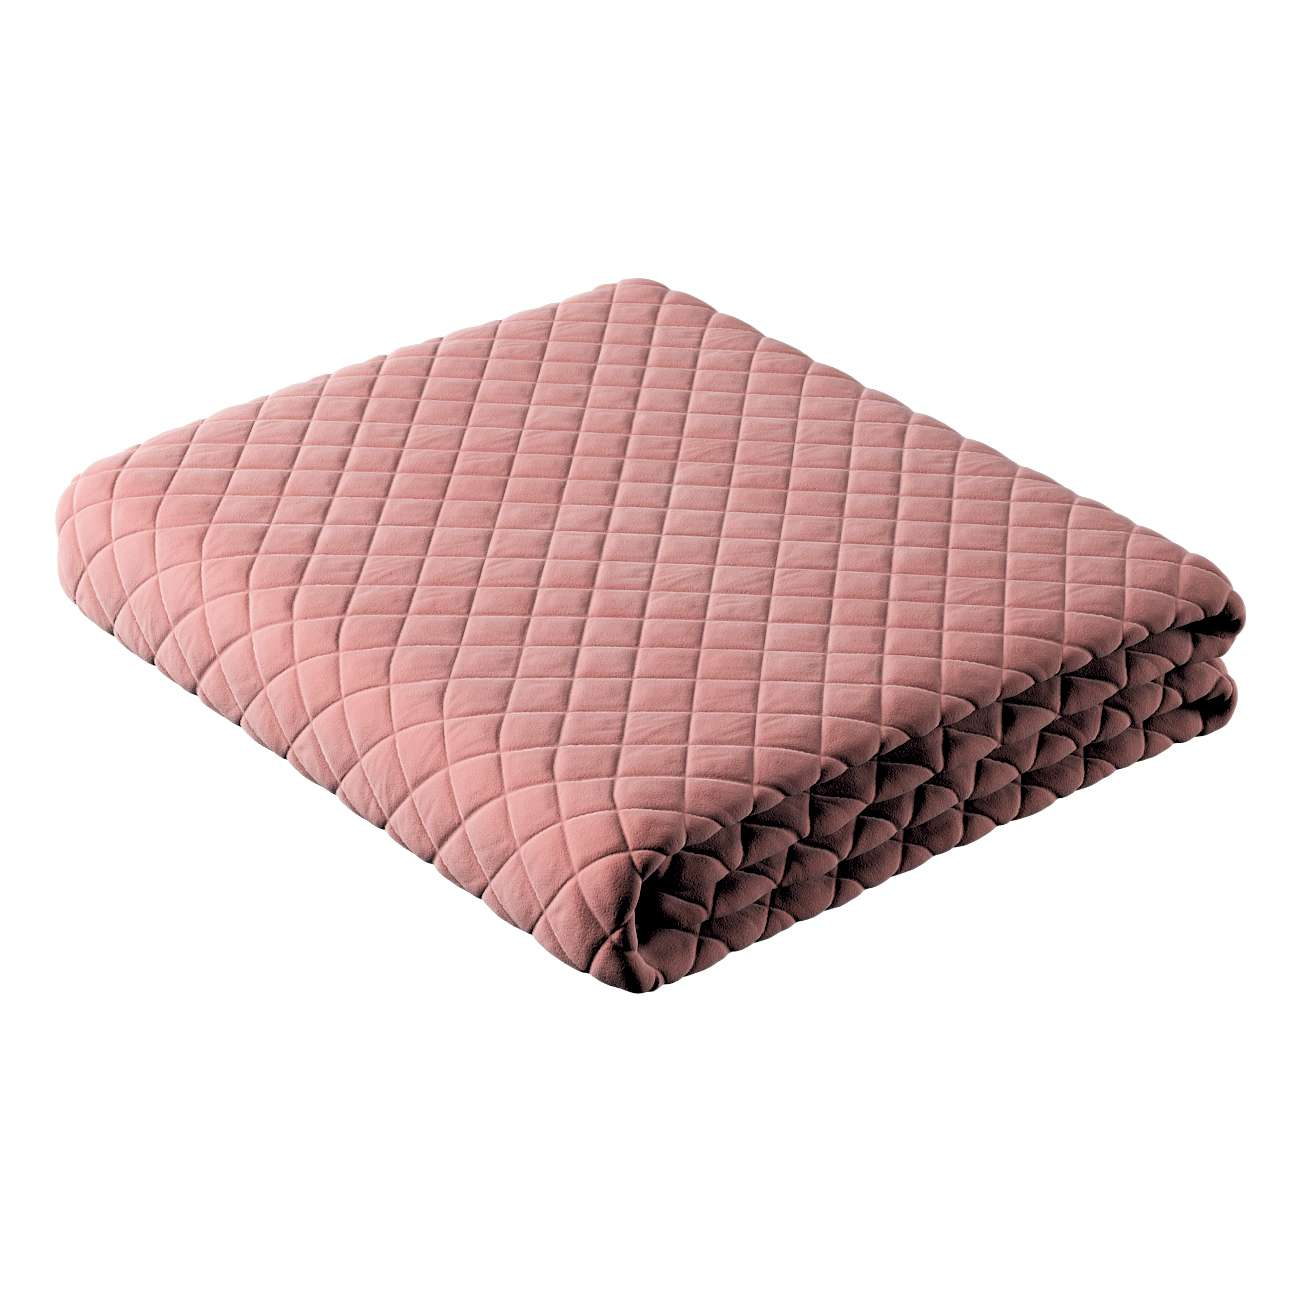 Posh Velvet bedspread in collection Posh Velvet, fabric: 704-30